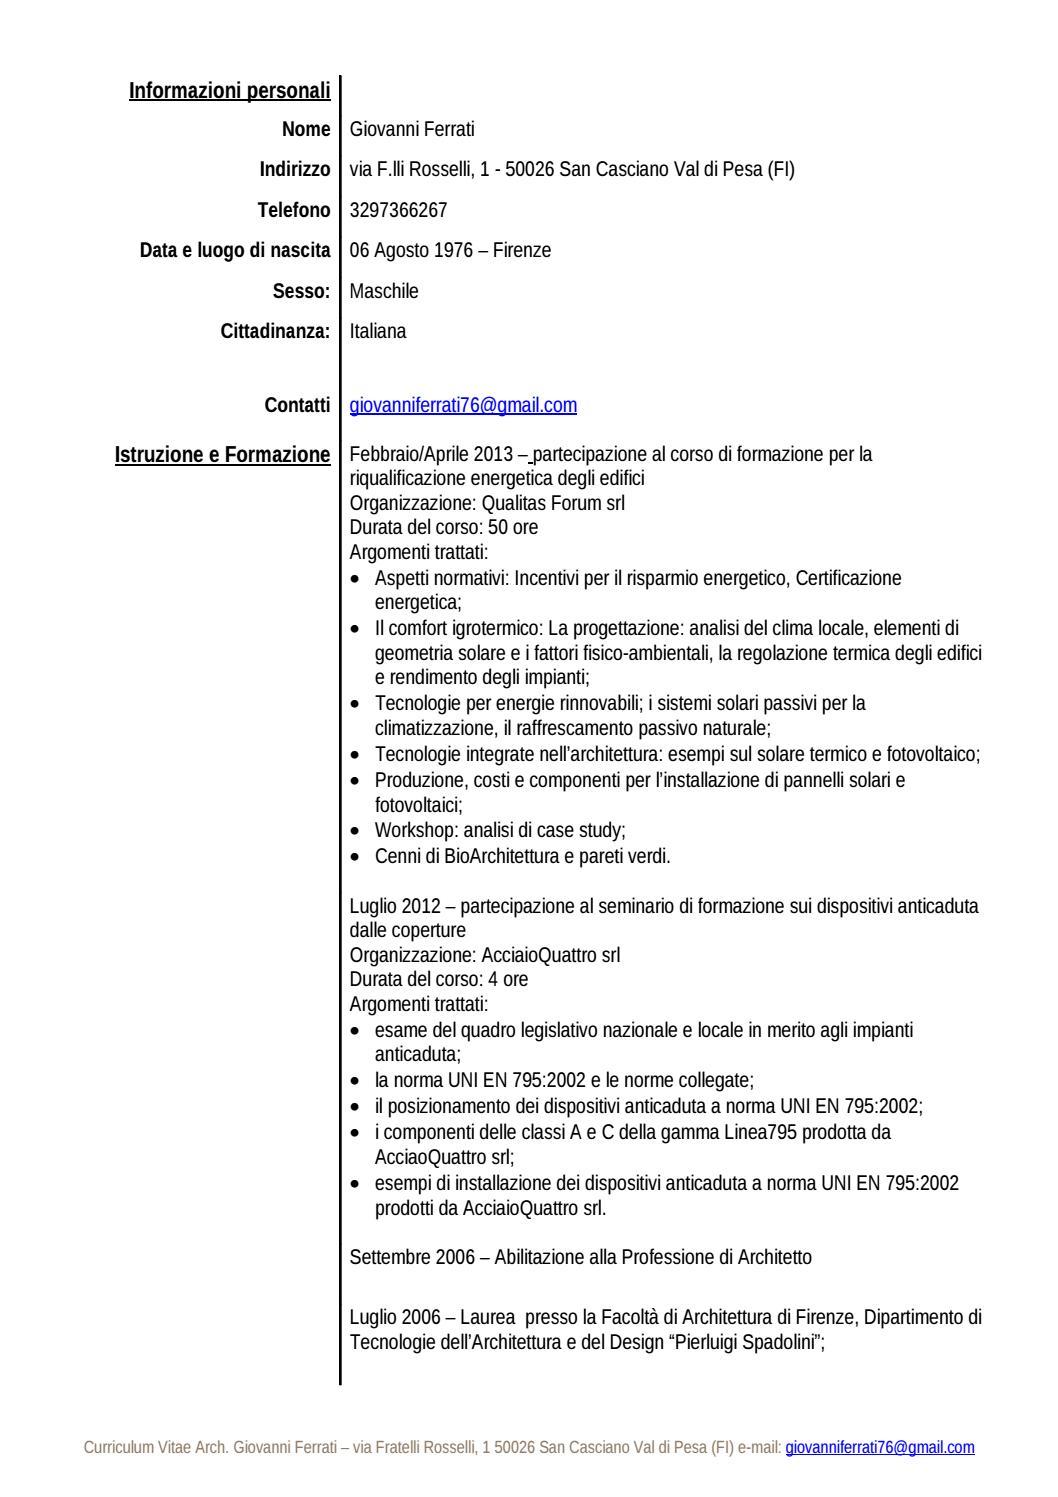 Curriculum Vitae Formato Europeo Esteso By Giovanni Issuu